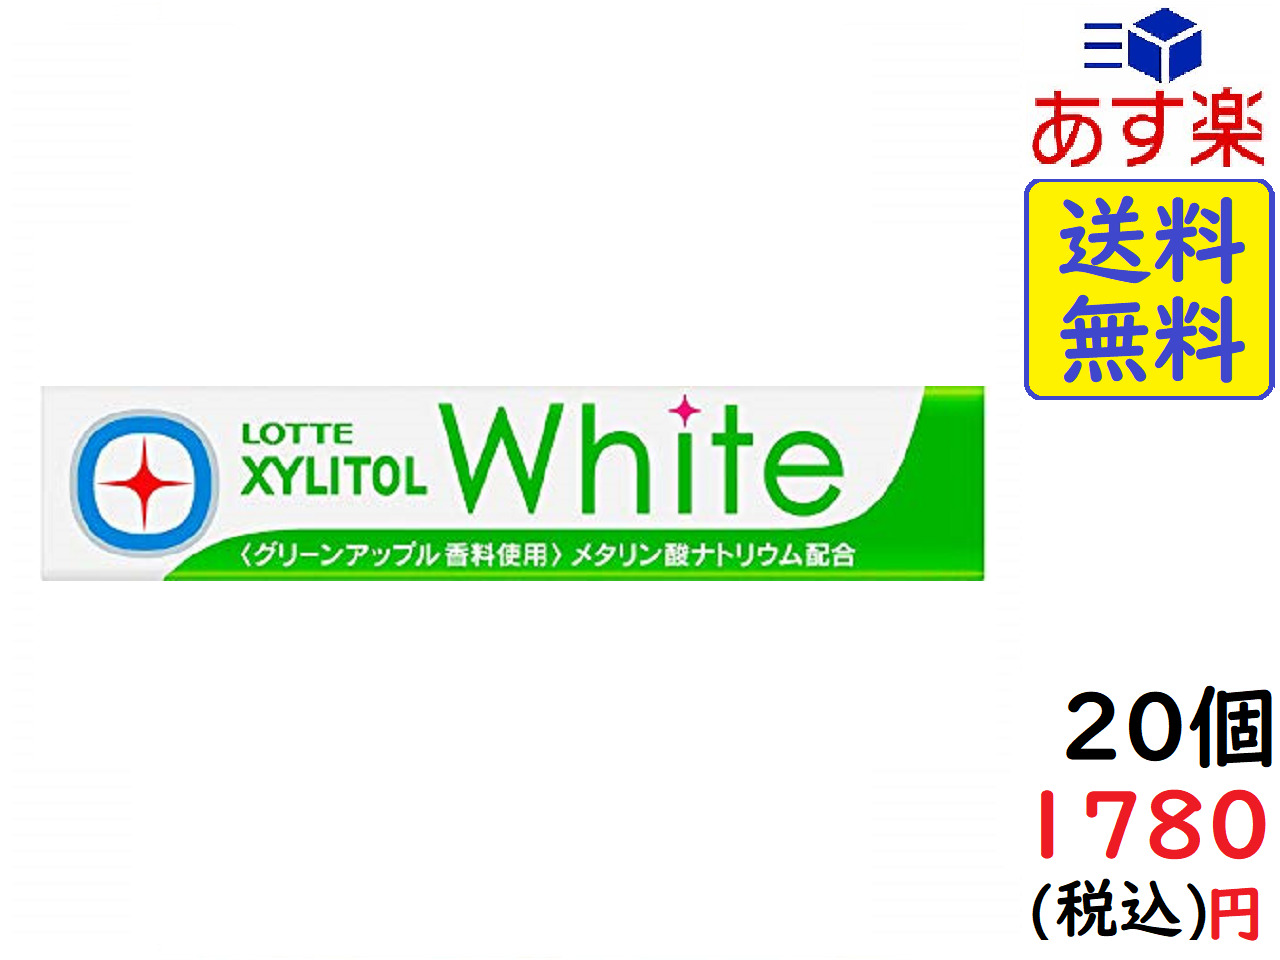 人気ブランド 送料無料 あす楽対応 安心の定価販売 ポスト投函 ロッテ キシリトールホワイト グリーンアップル 14粒×20個